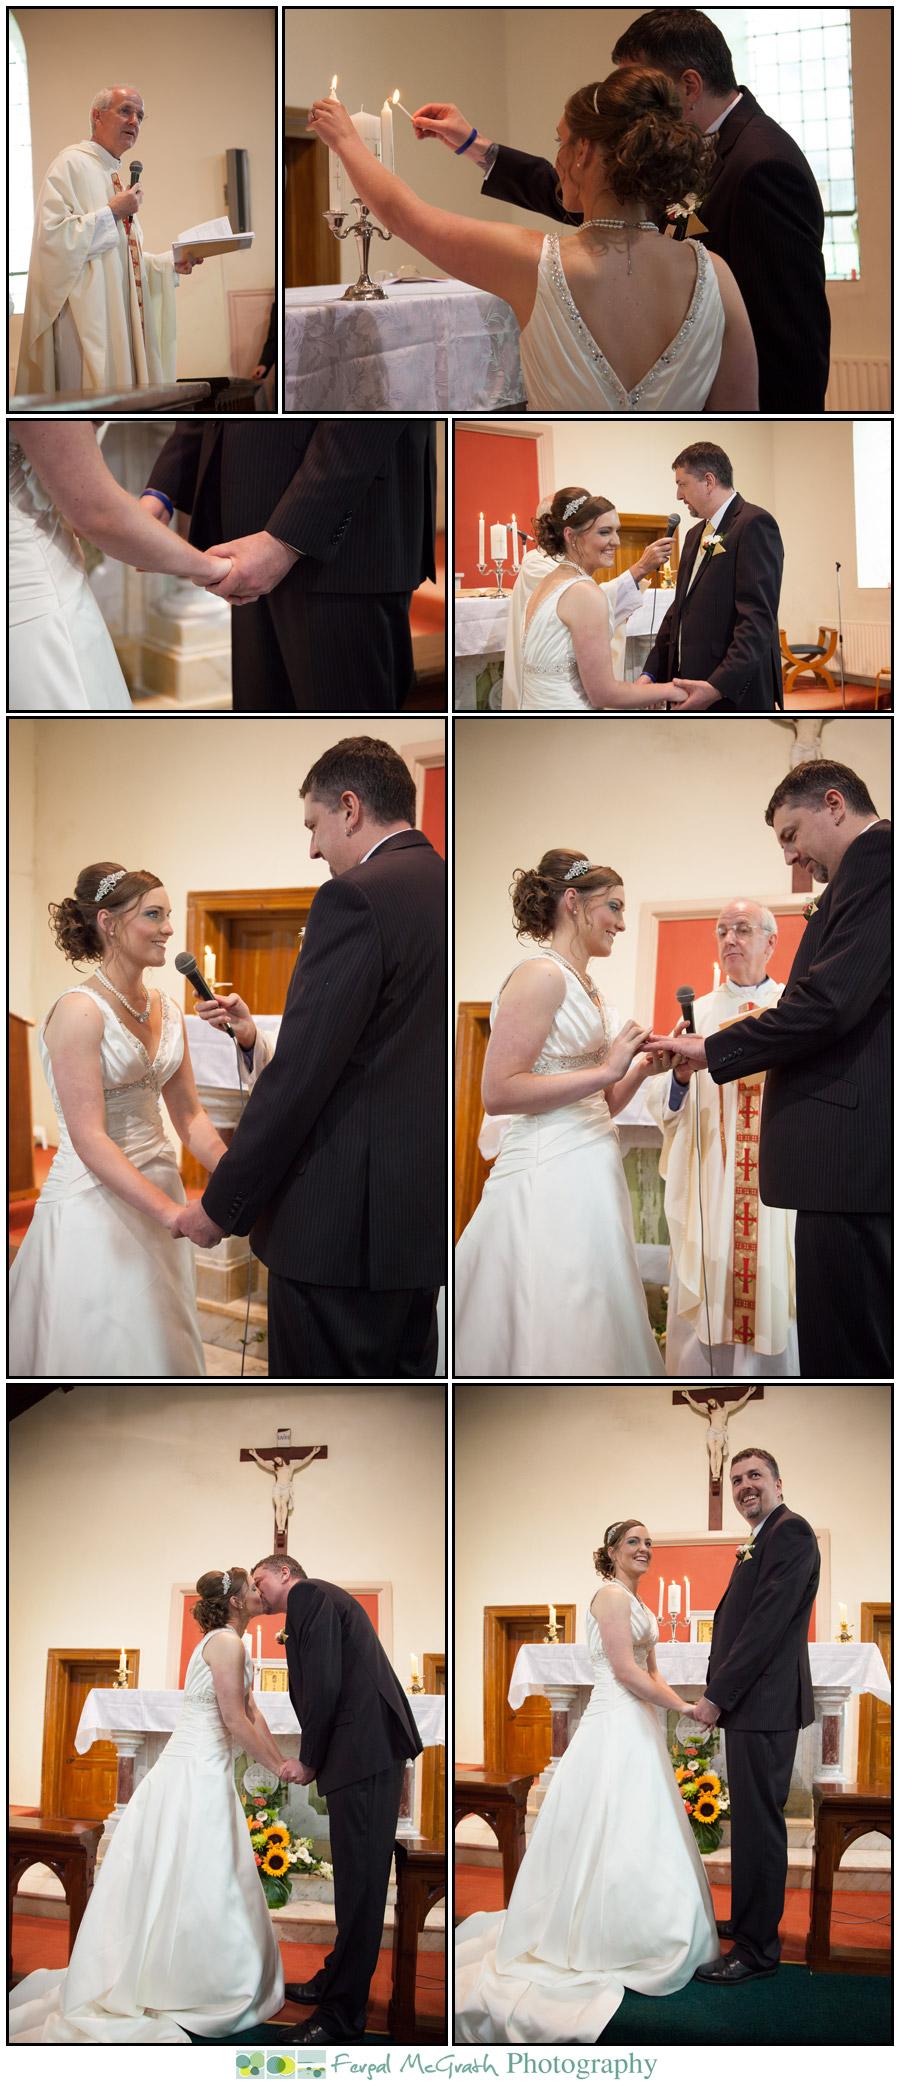 sarah and david moon wedding photos 5